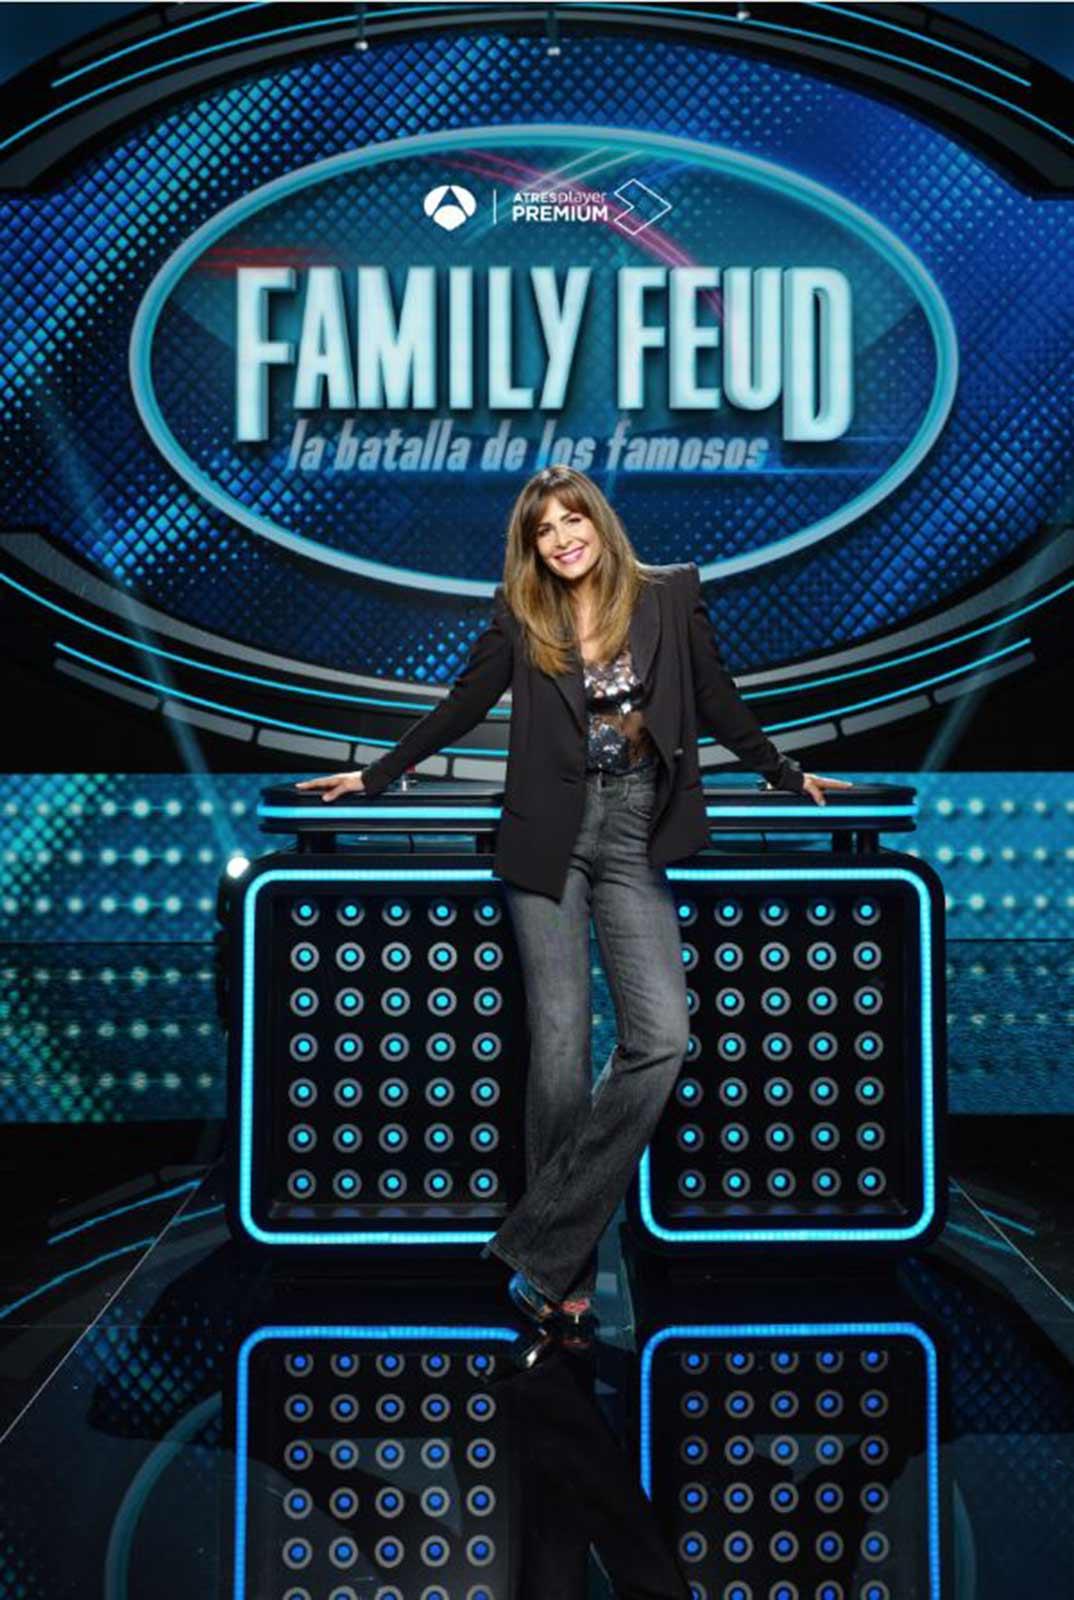 Nuria Roca - Family Feud: la batalla de los famosos © Antena 3